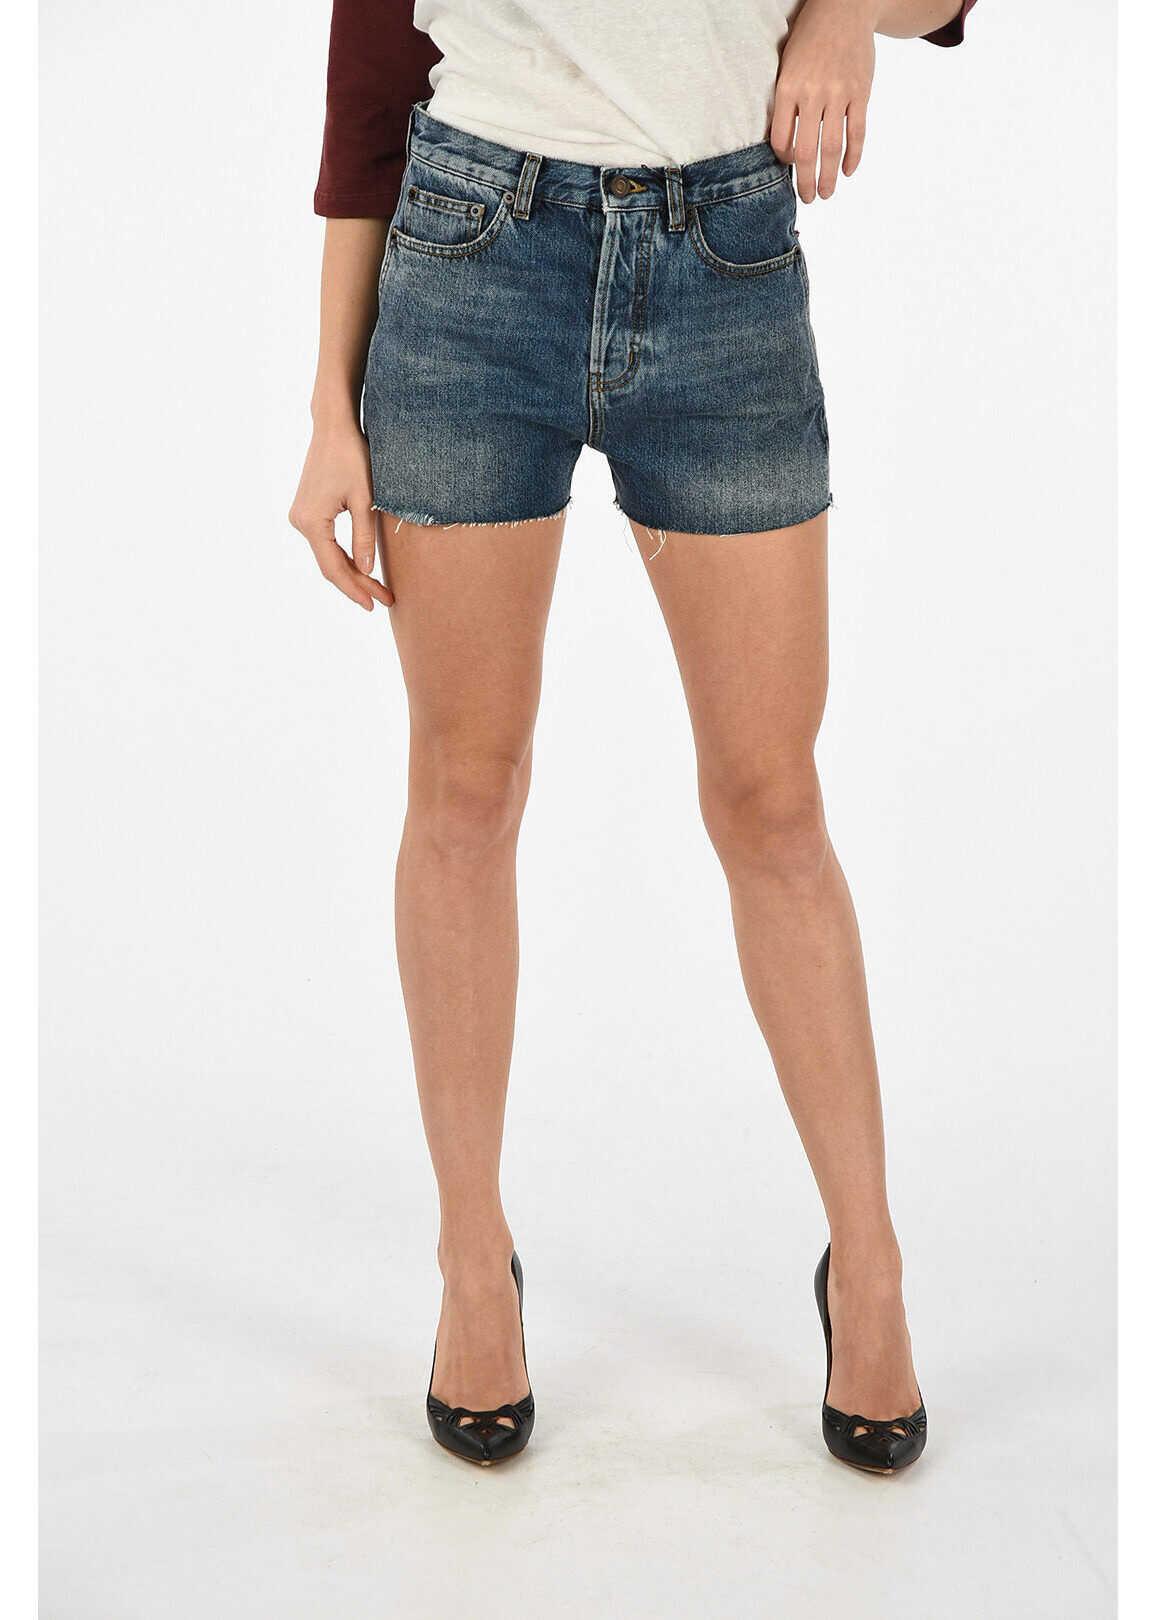 Saint Laurent stone washed shorts BLUE